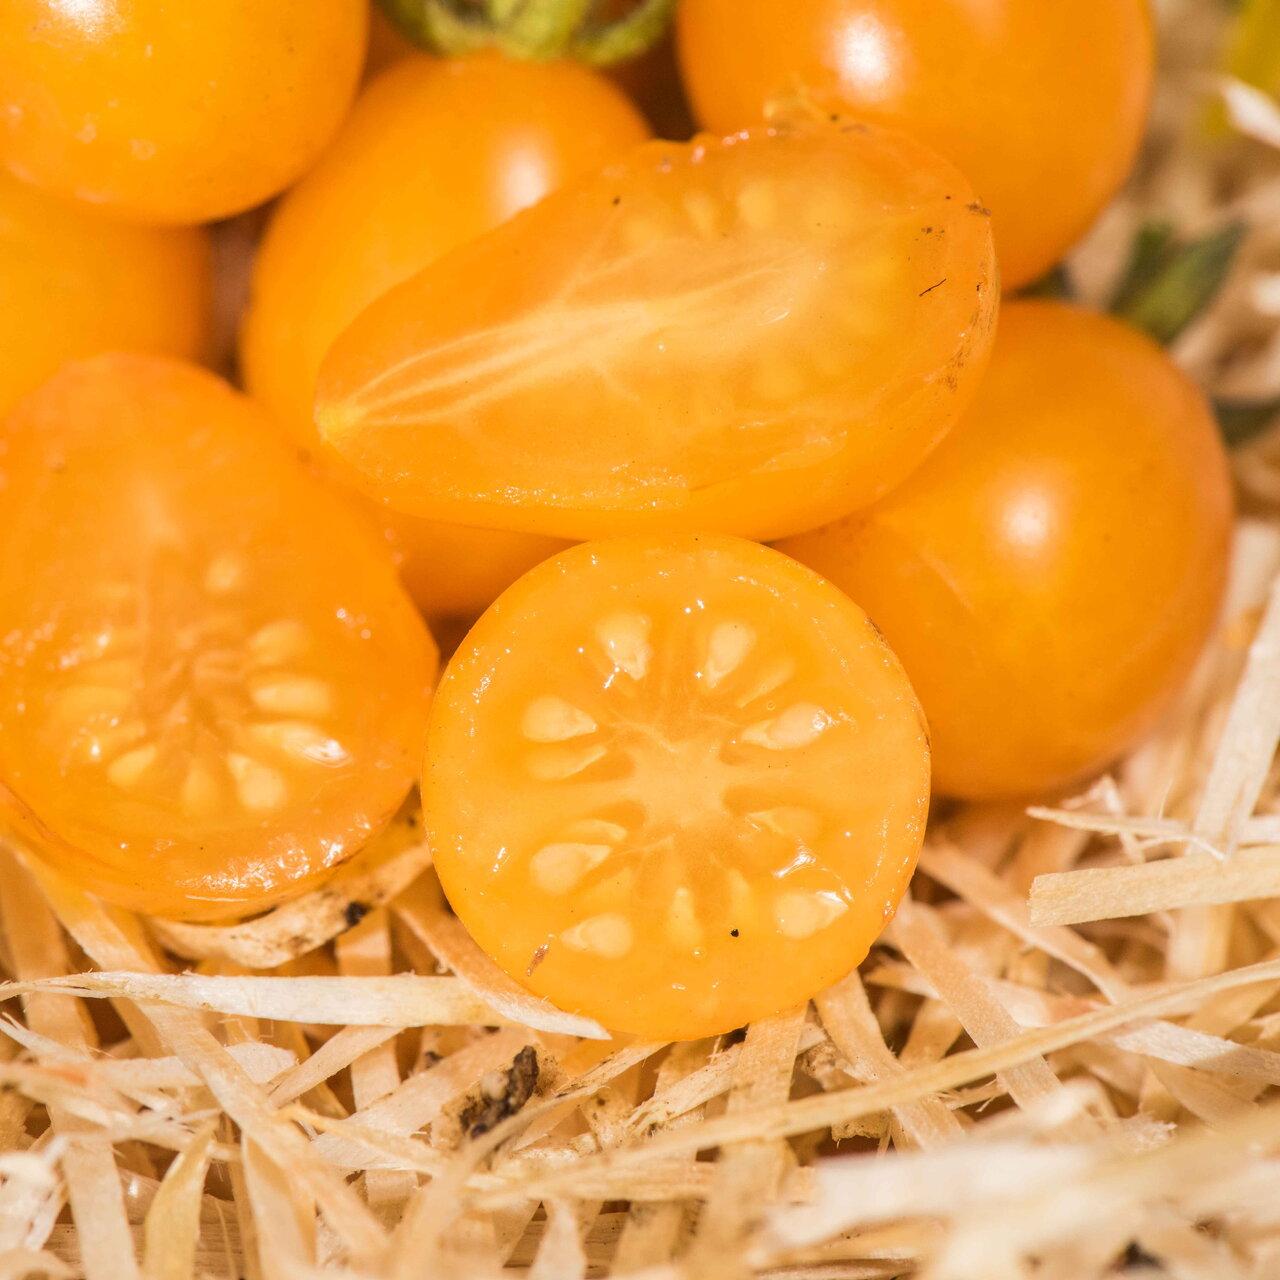 Tomates-Cerises - Tomate-Cerise Orange